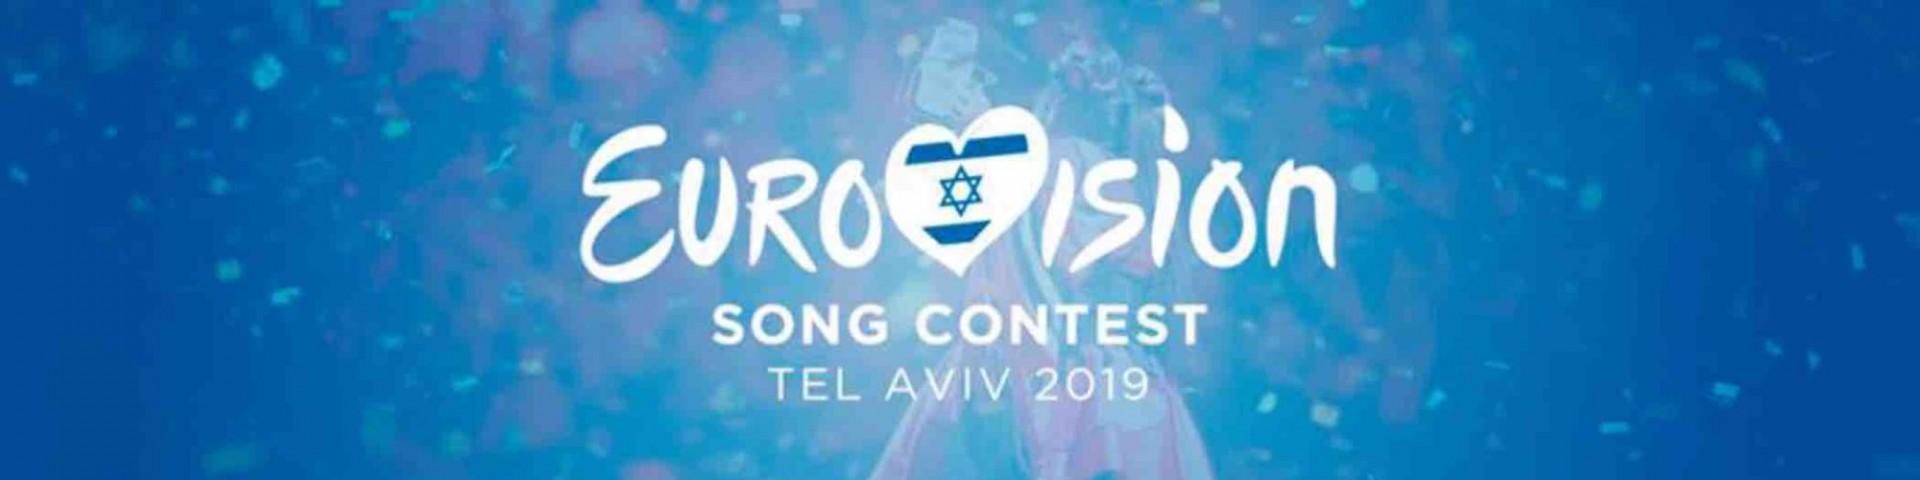 Eurovision Song Contest 2019: le pagelle in attesa della finale